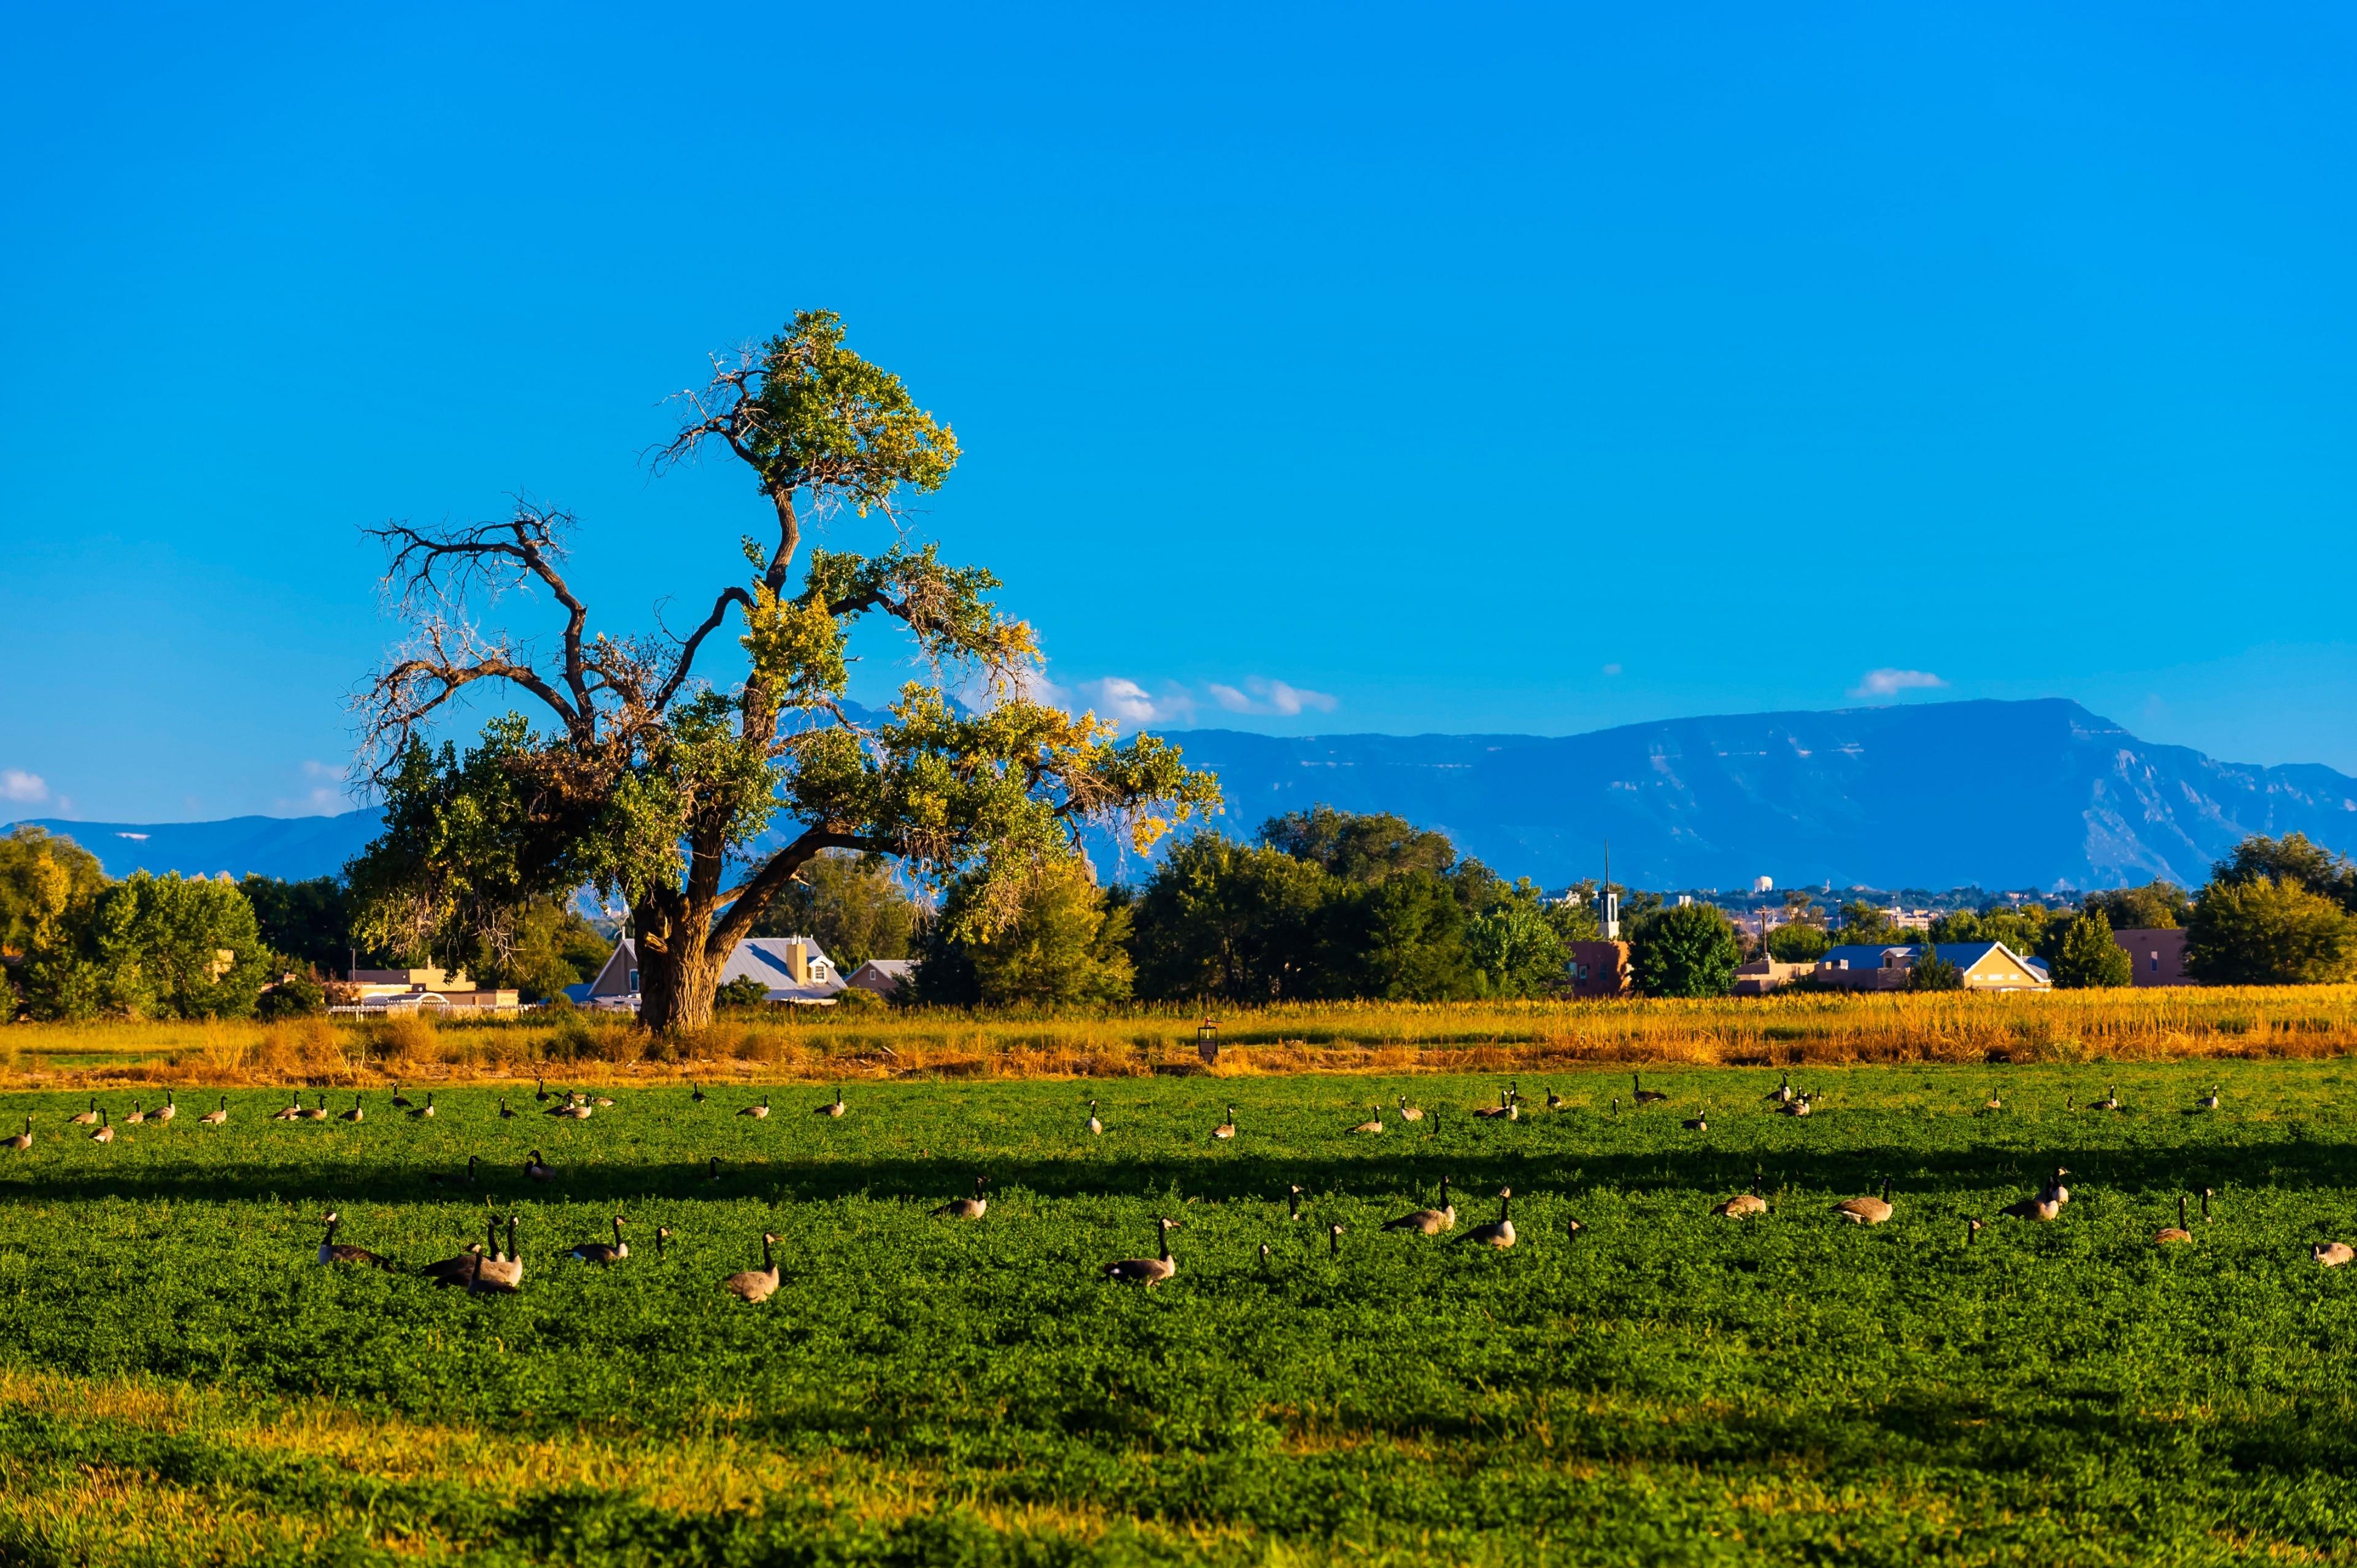 Los Ranchos de Albuquerque, New Mexico, USA